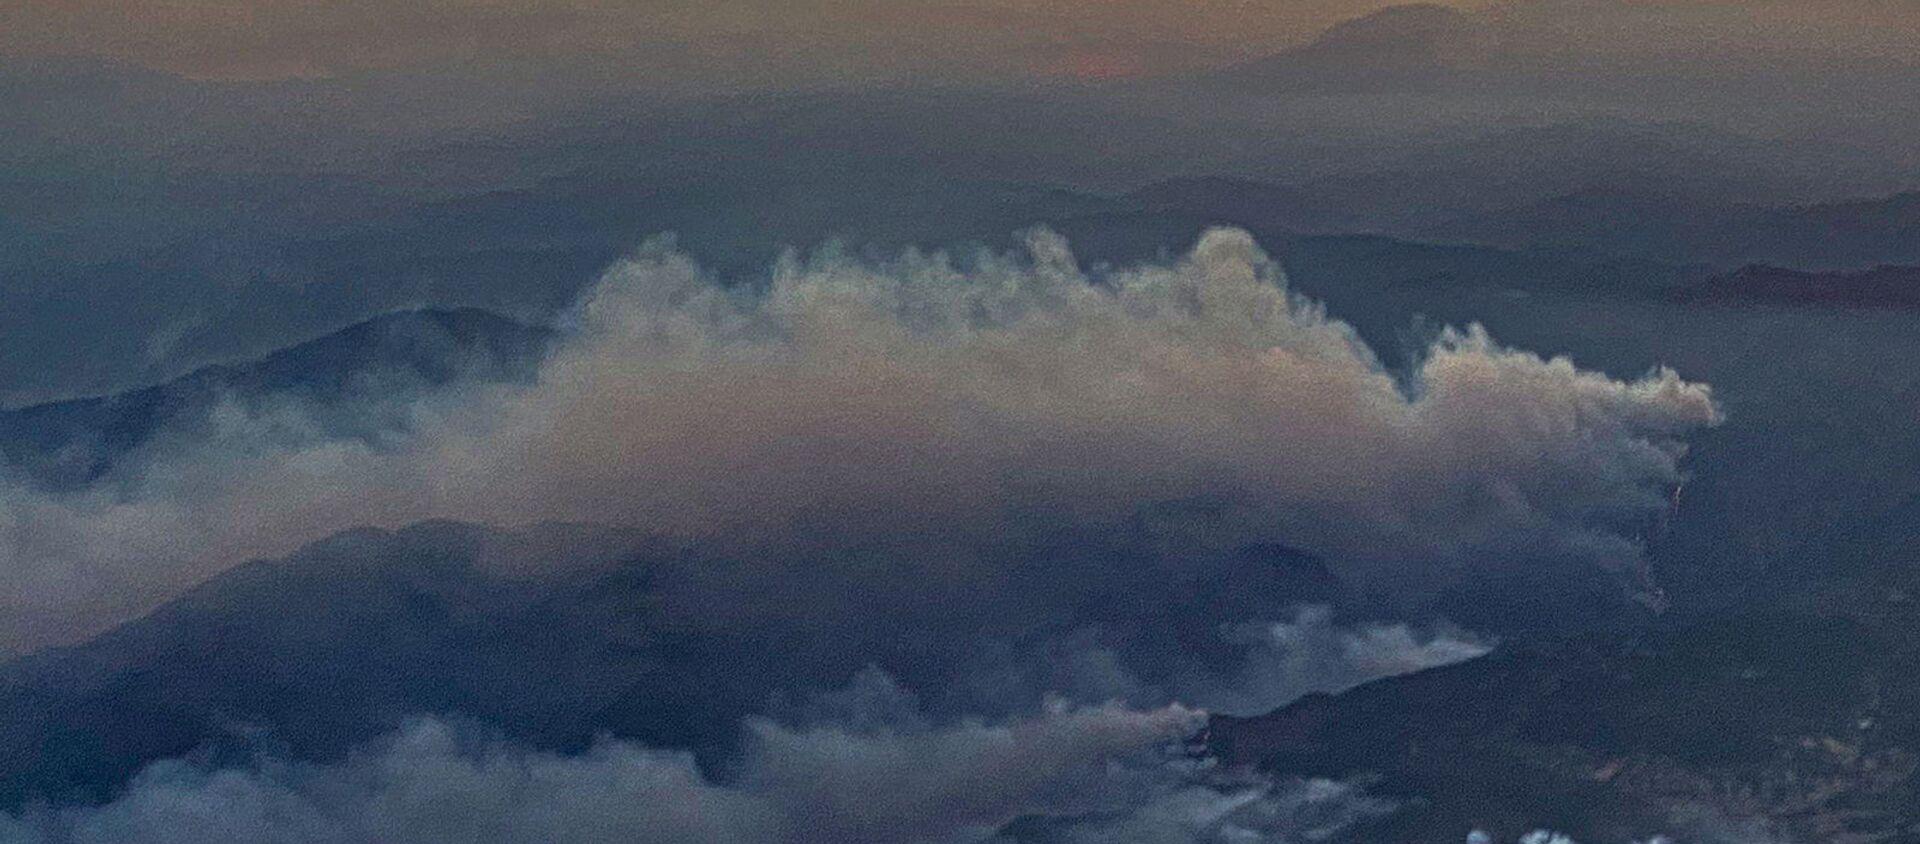 Kлубы дыма от лесных пожаров в районе Даламан на юге Турции - Sputnik Արմենիա, 1920, 08.08.2021